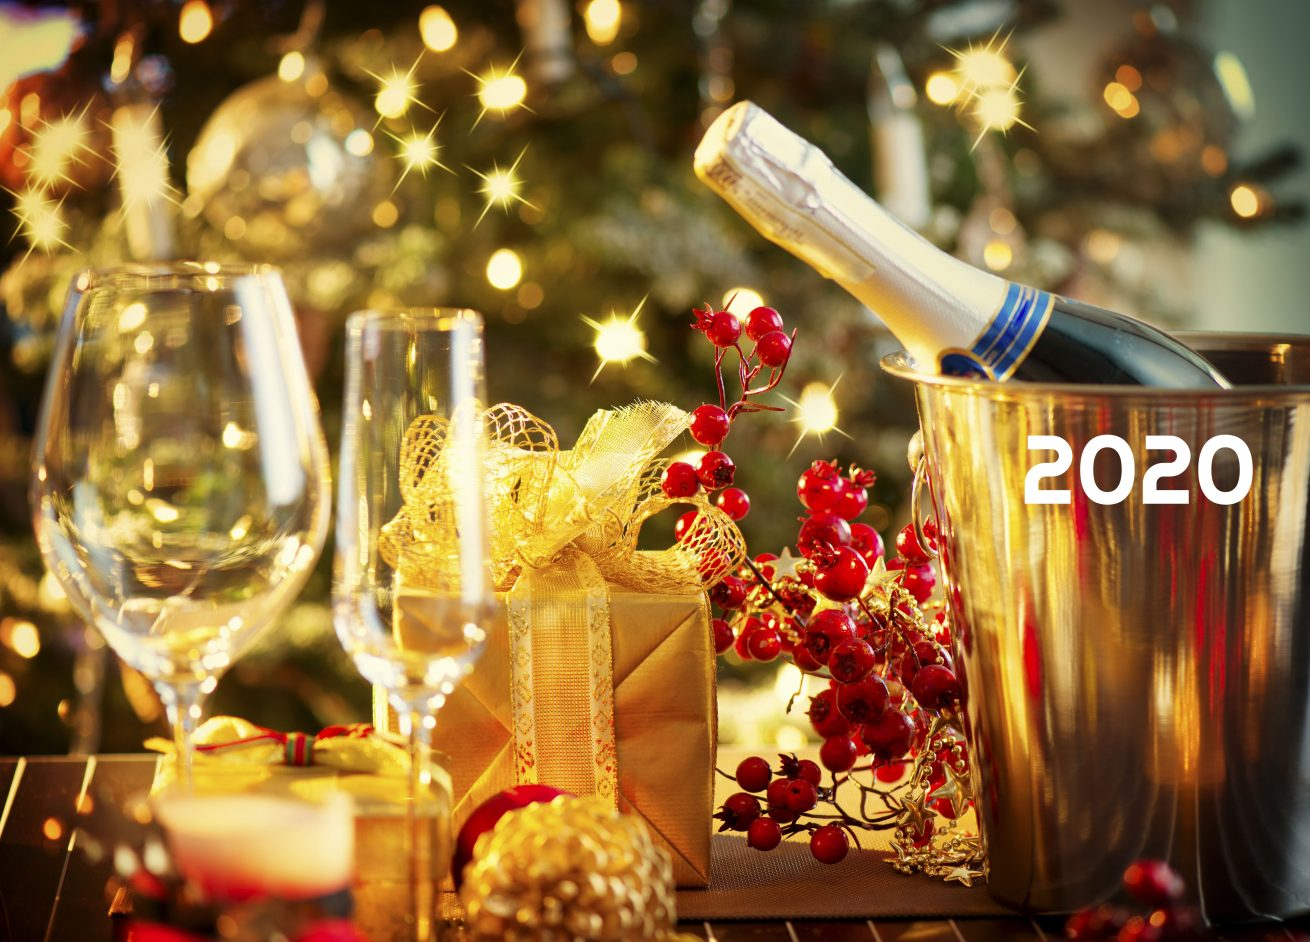 Capodanno 2020